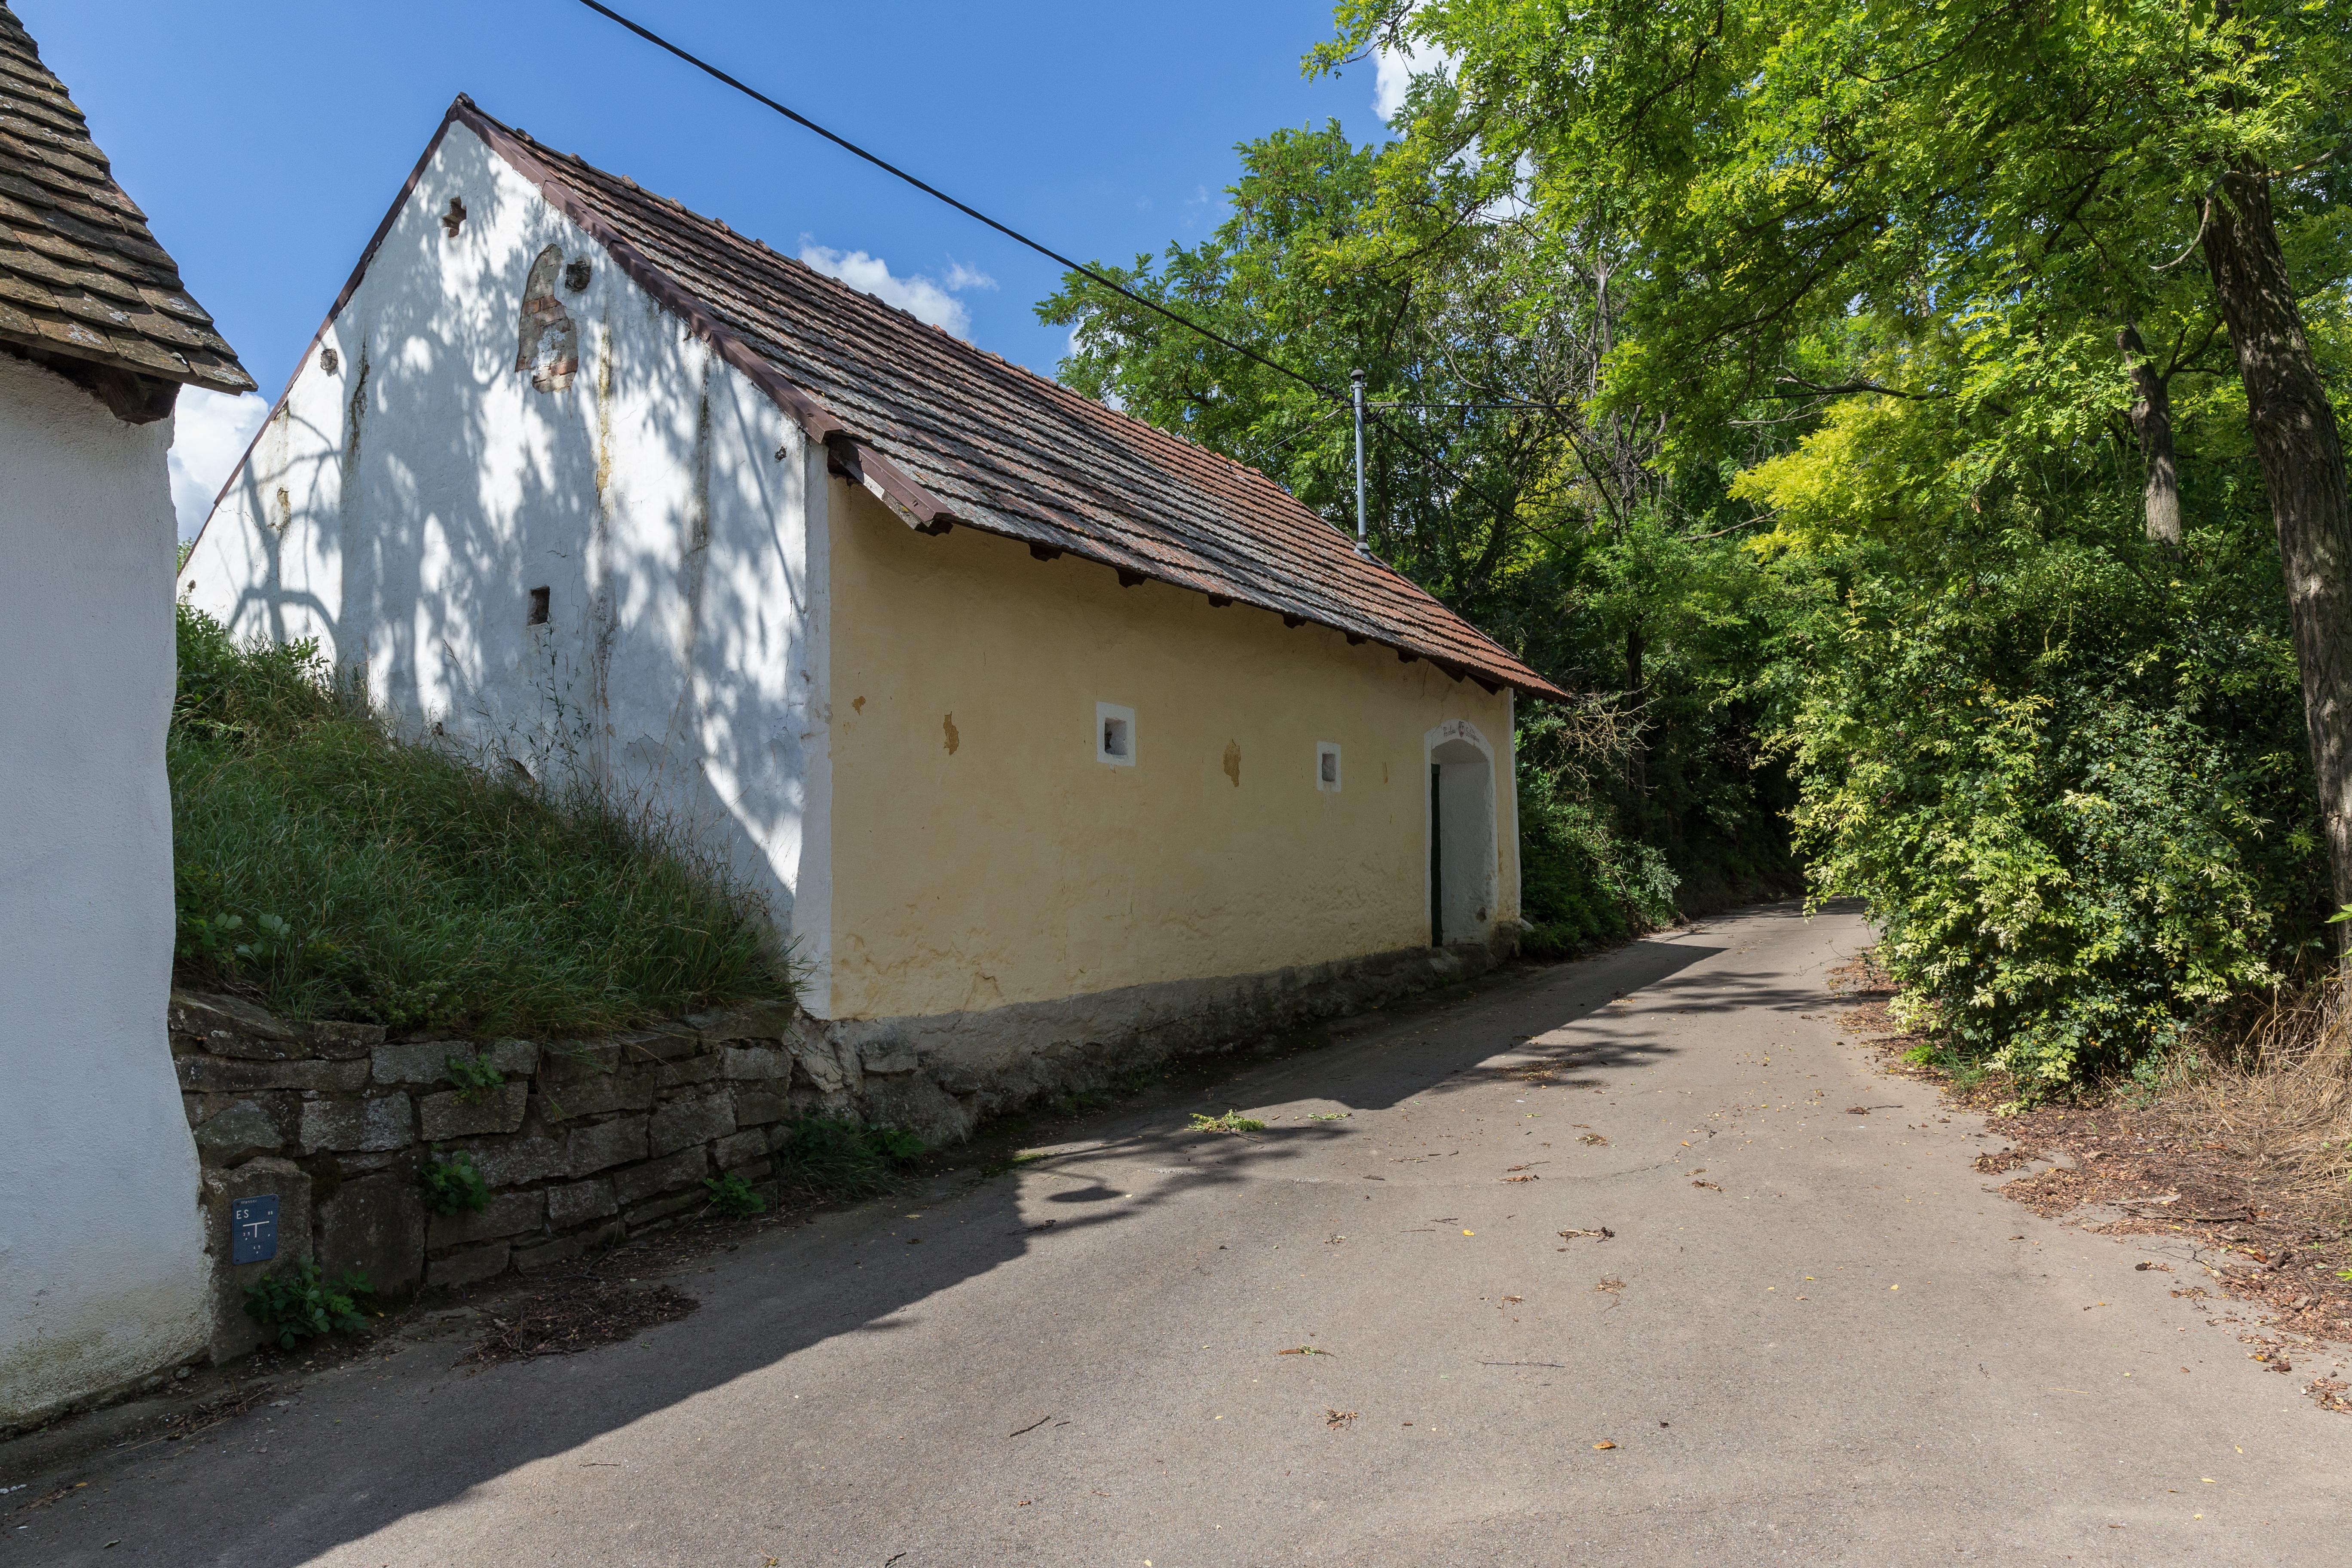 Heurigentermine - Zellerndorf - RIS Kommunal